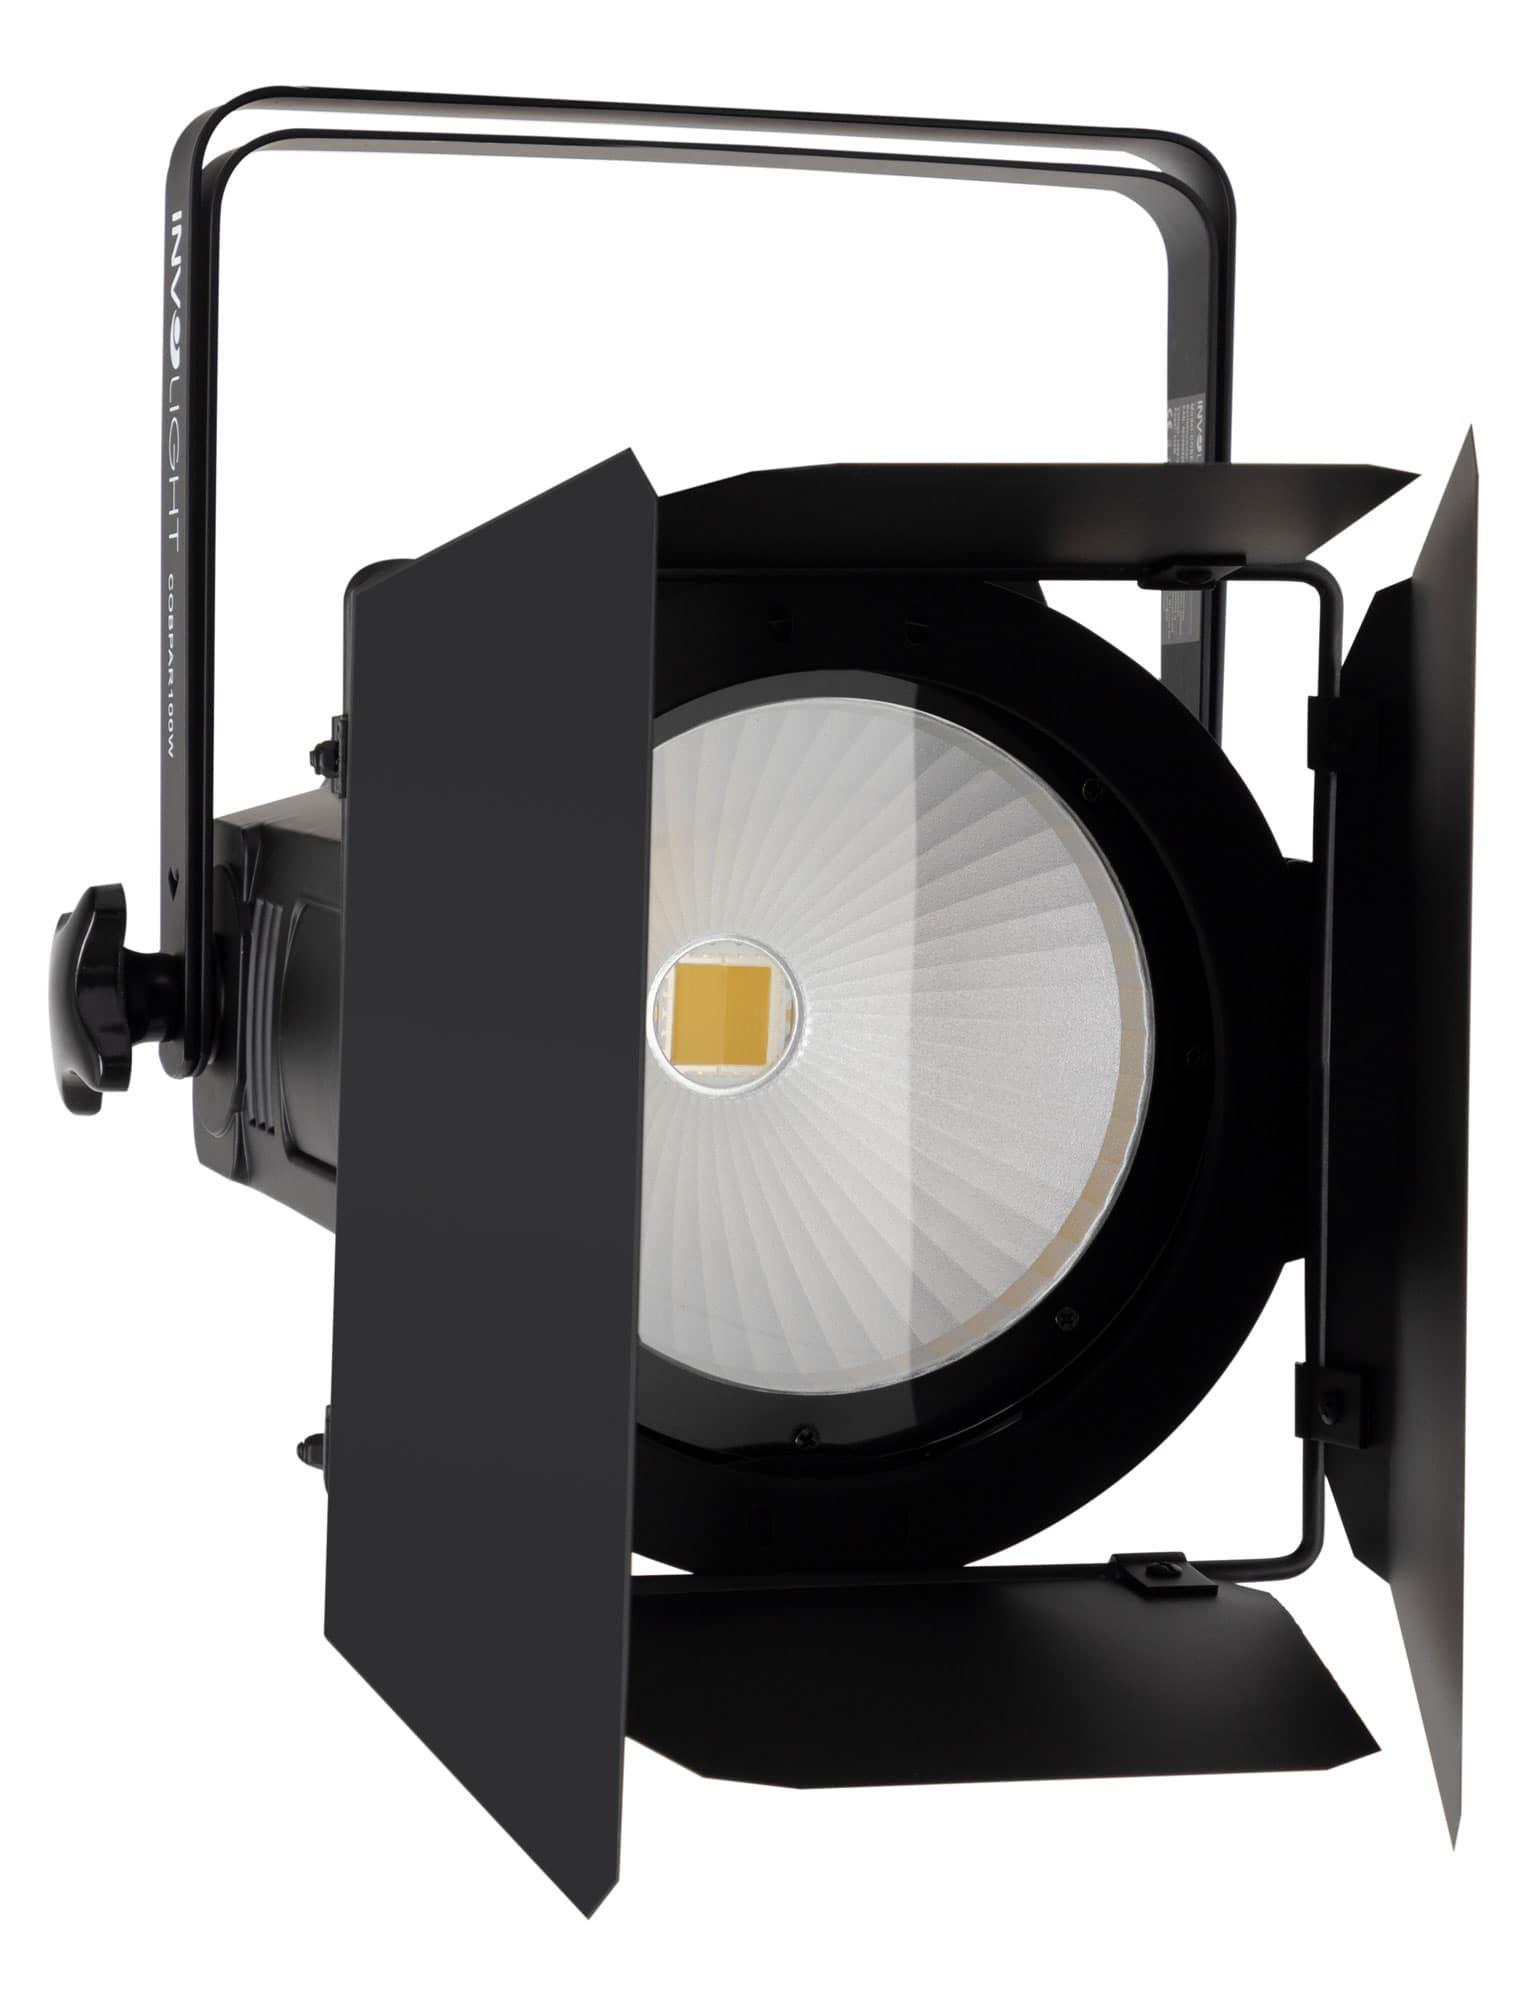 Lichtsets - Involight COBPAR100W LED Scheinwerfer Set - Onlineshop Musikhaus Kirstein